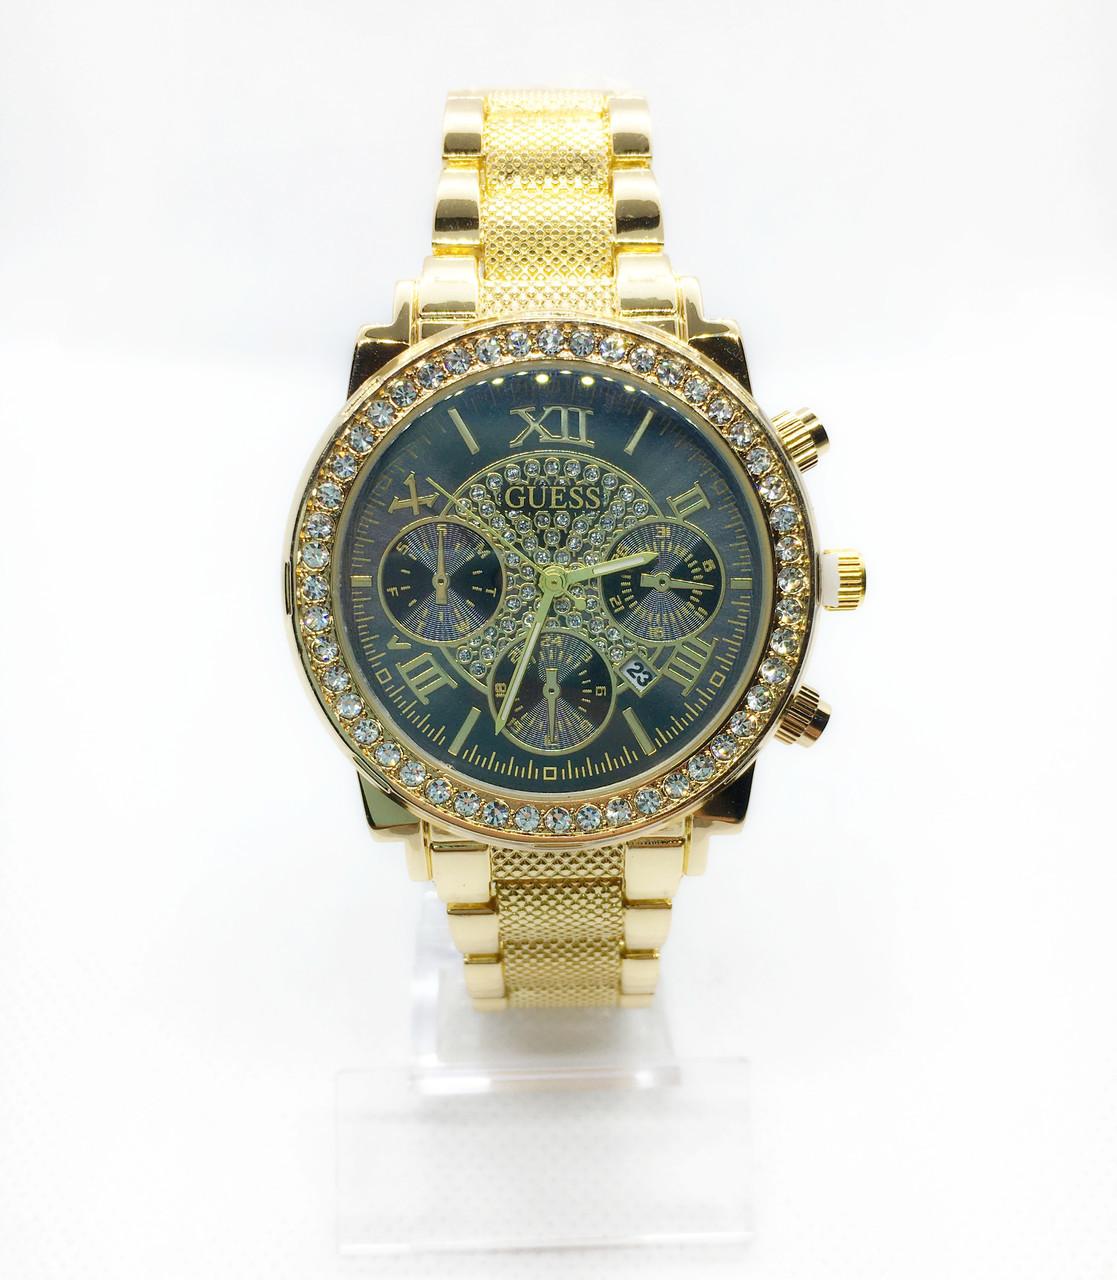 Женские наручные часы Guess (Гесс), золото с черным циферблатом